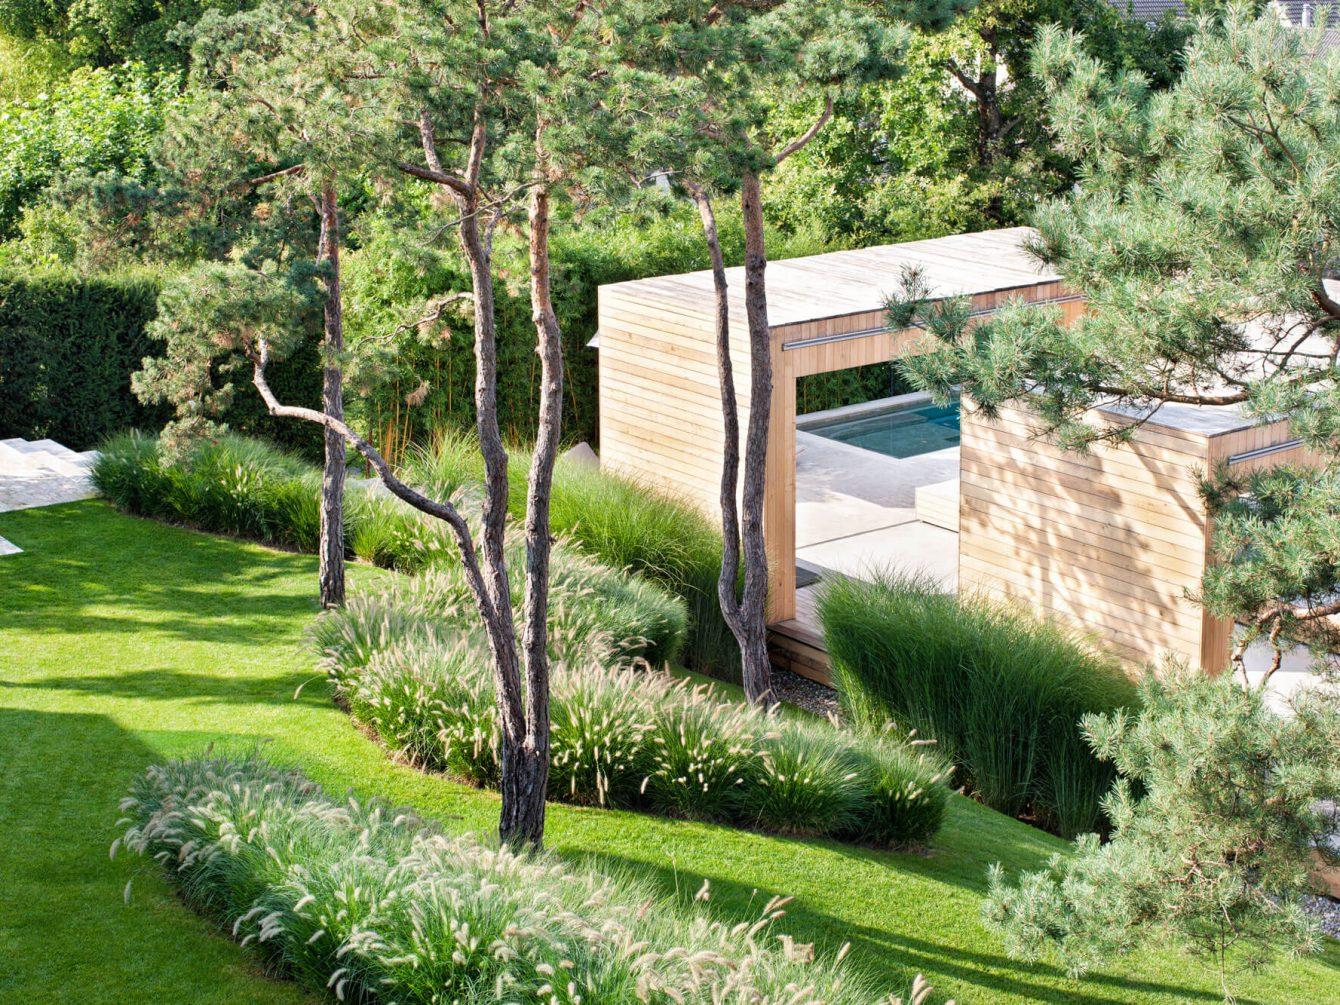 enea gmbhenea — landscape architecture., Garten und erstellen